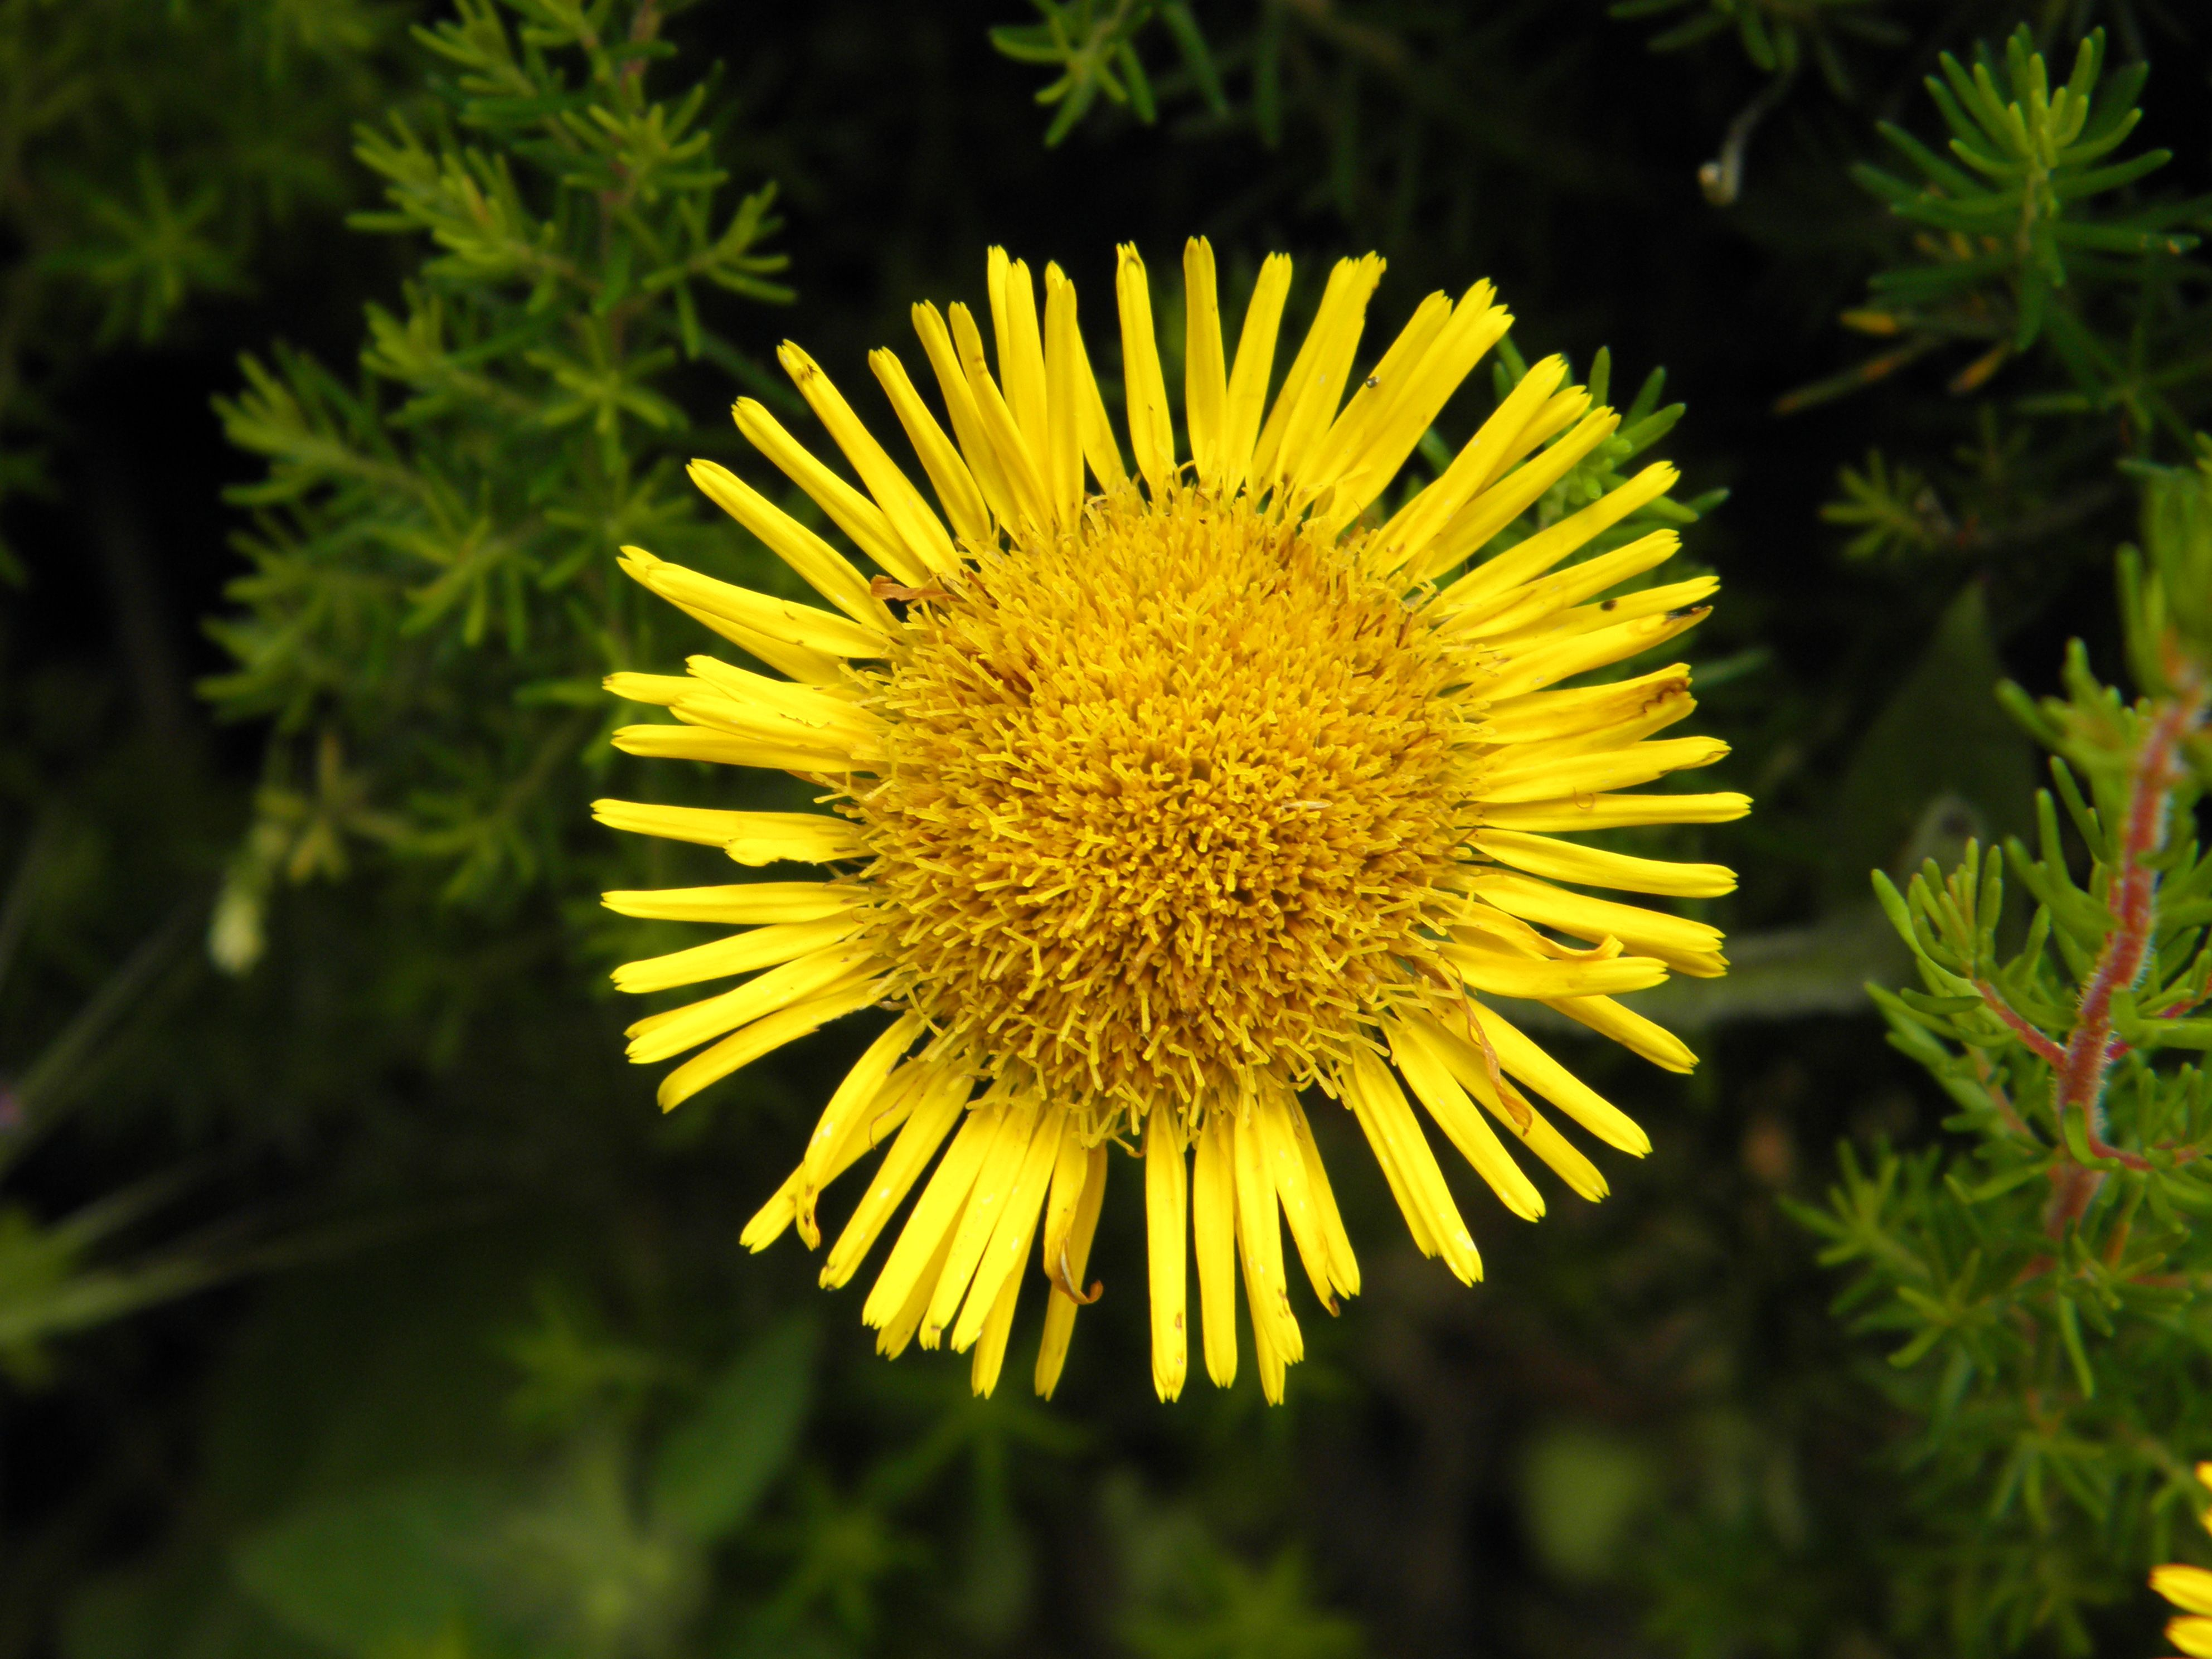 Fiori Gialli In Sardegna.Flower Sun Yellow Fiore Giallo Natura Sole Fiori Gialli